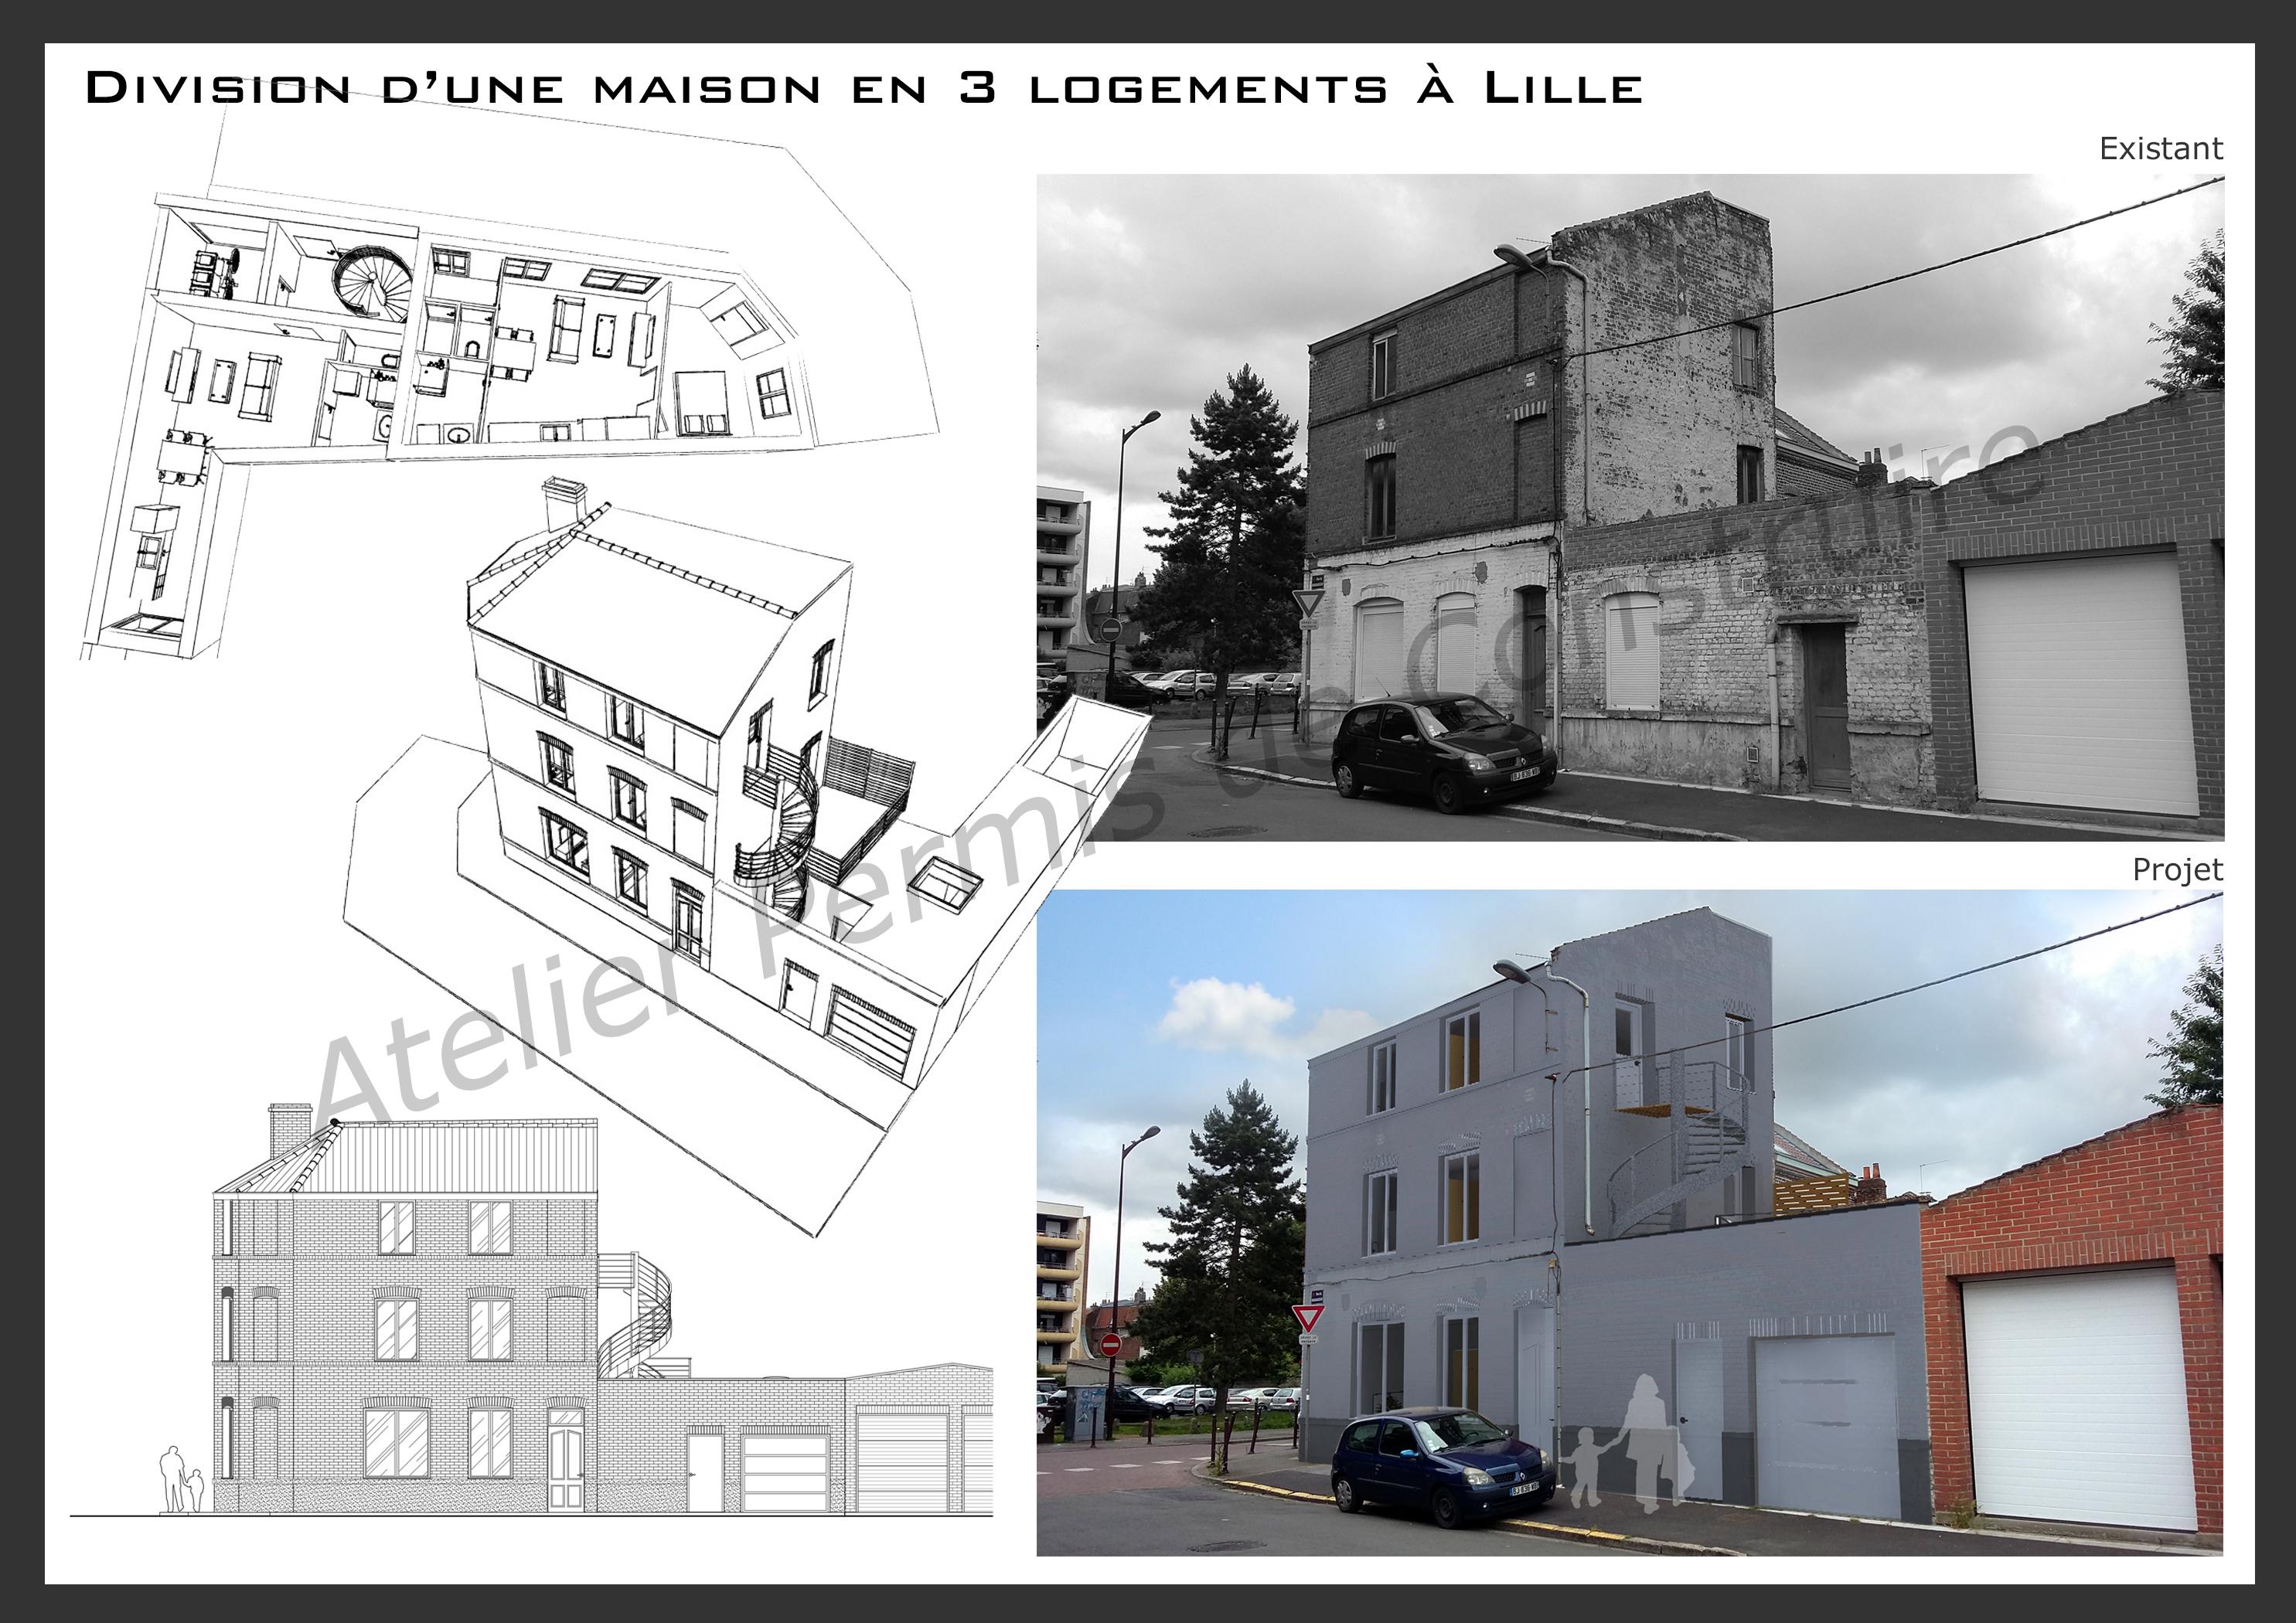 16.33 permis de construire division maison Lille0